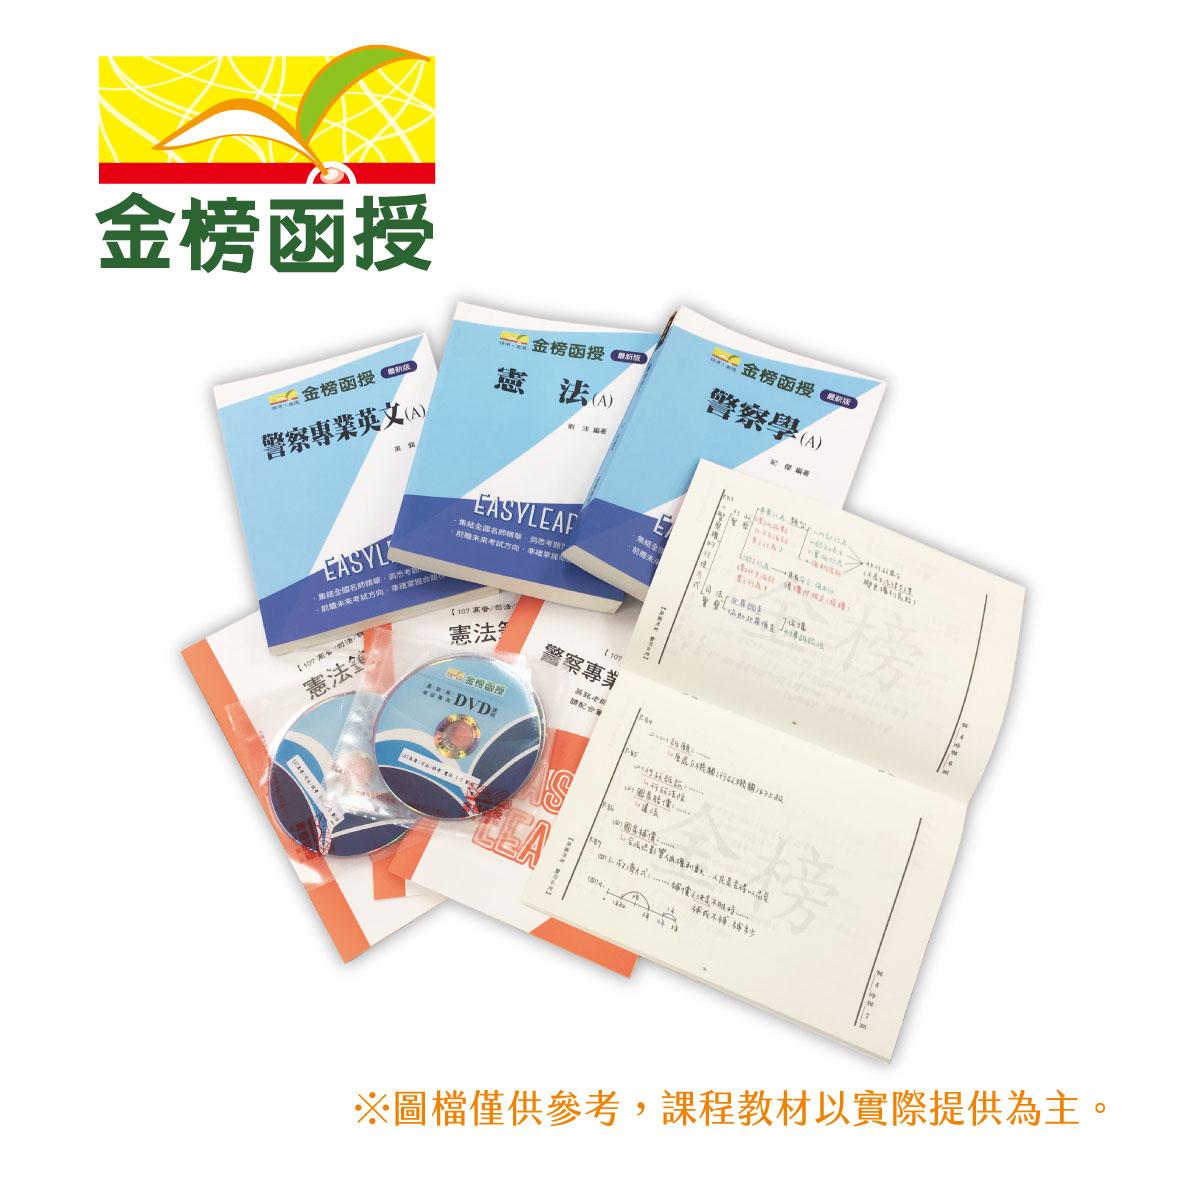 107金榜函授/行政法主题/行政法主题式/单科/云端/第17回/孙权